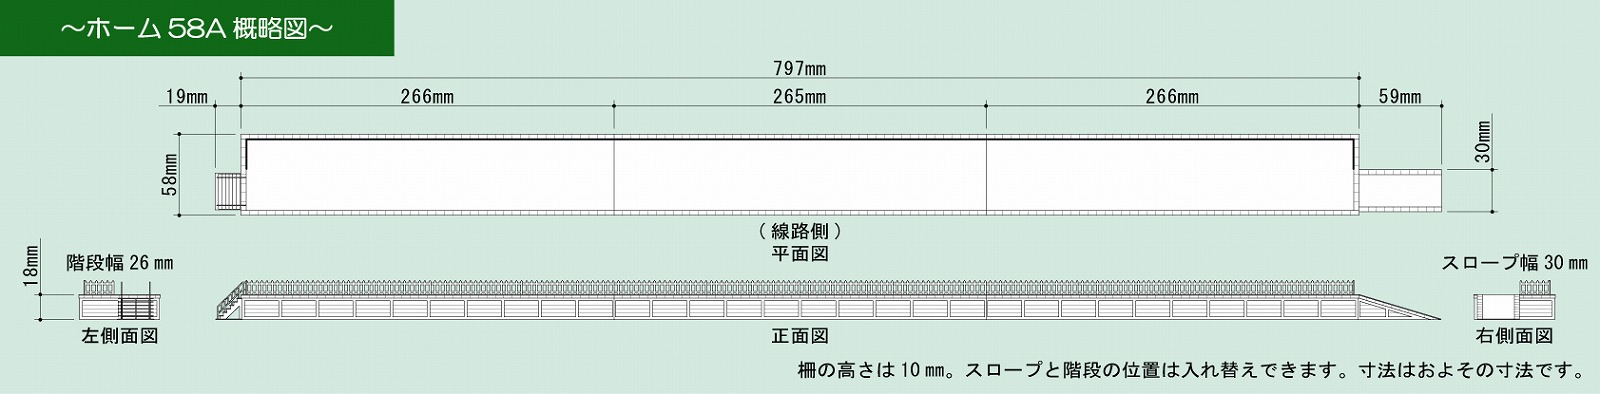 ホーム58A :さんけい キット HO(1/87) MK05-22